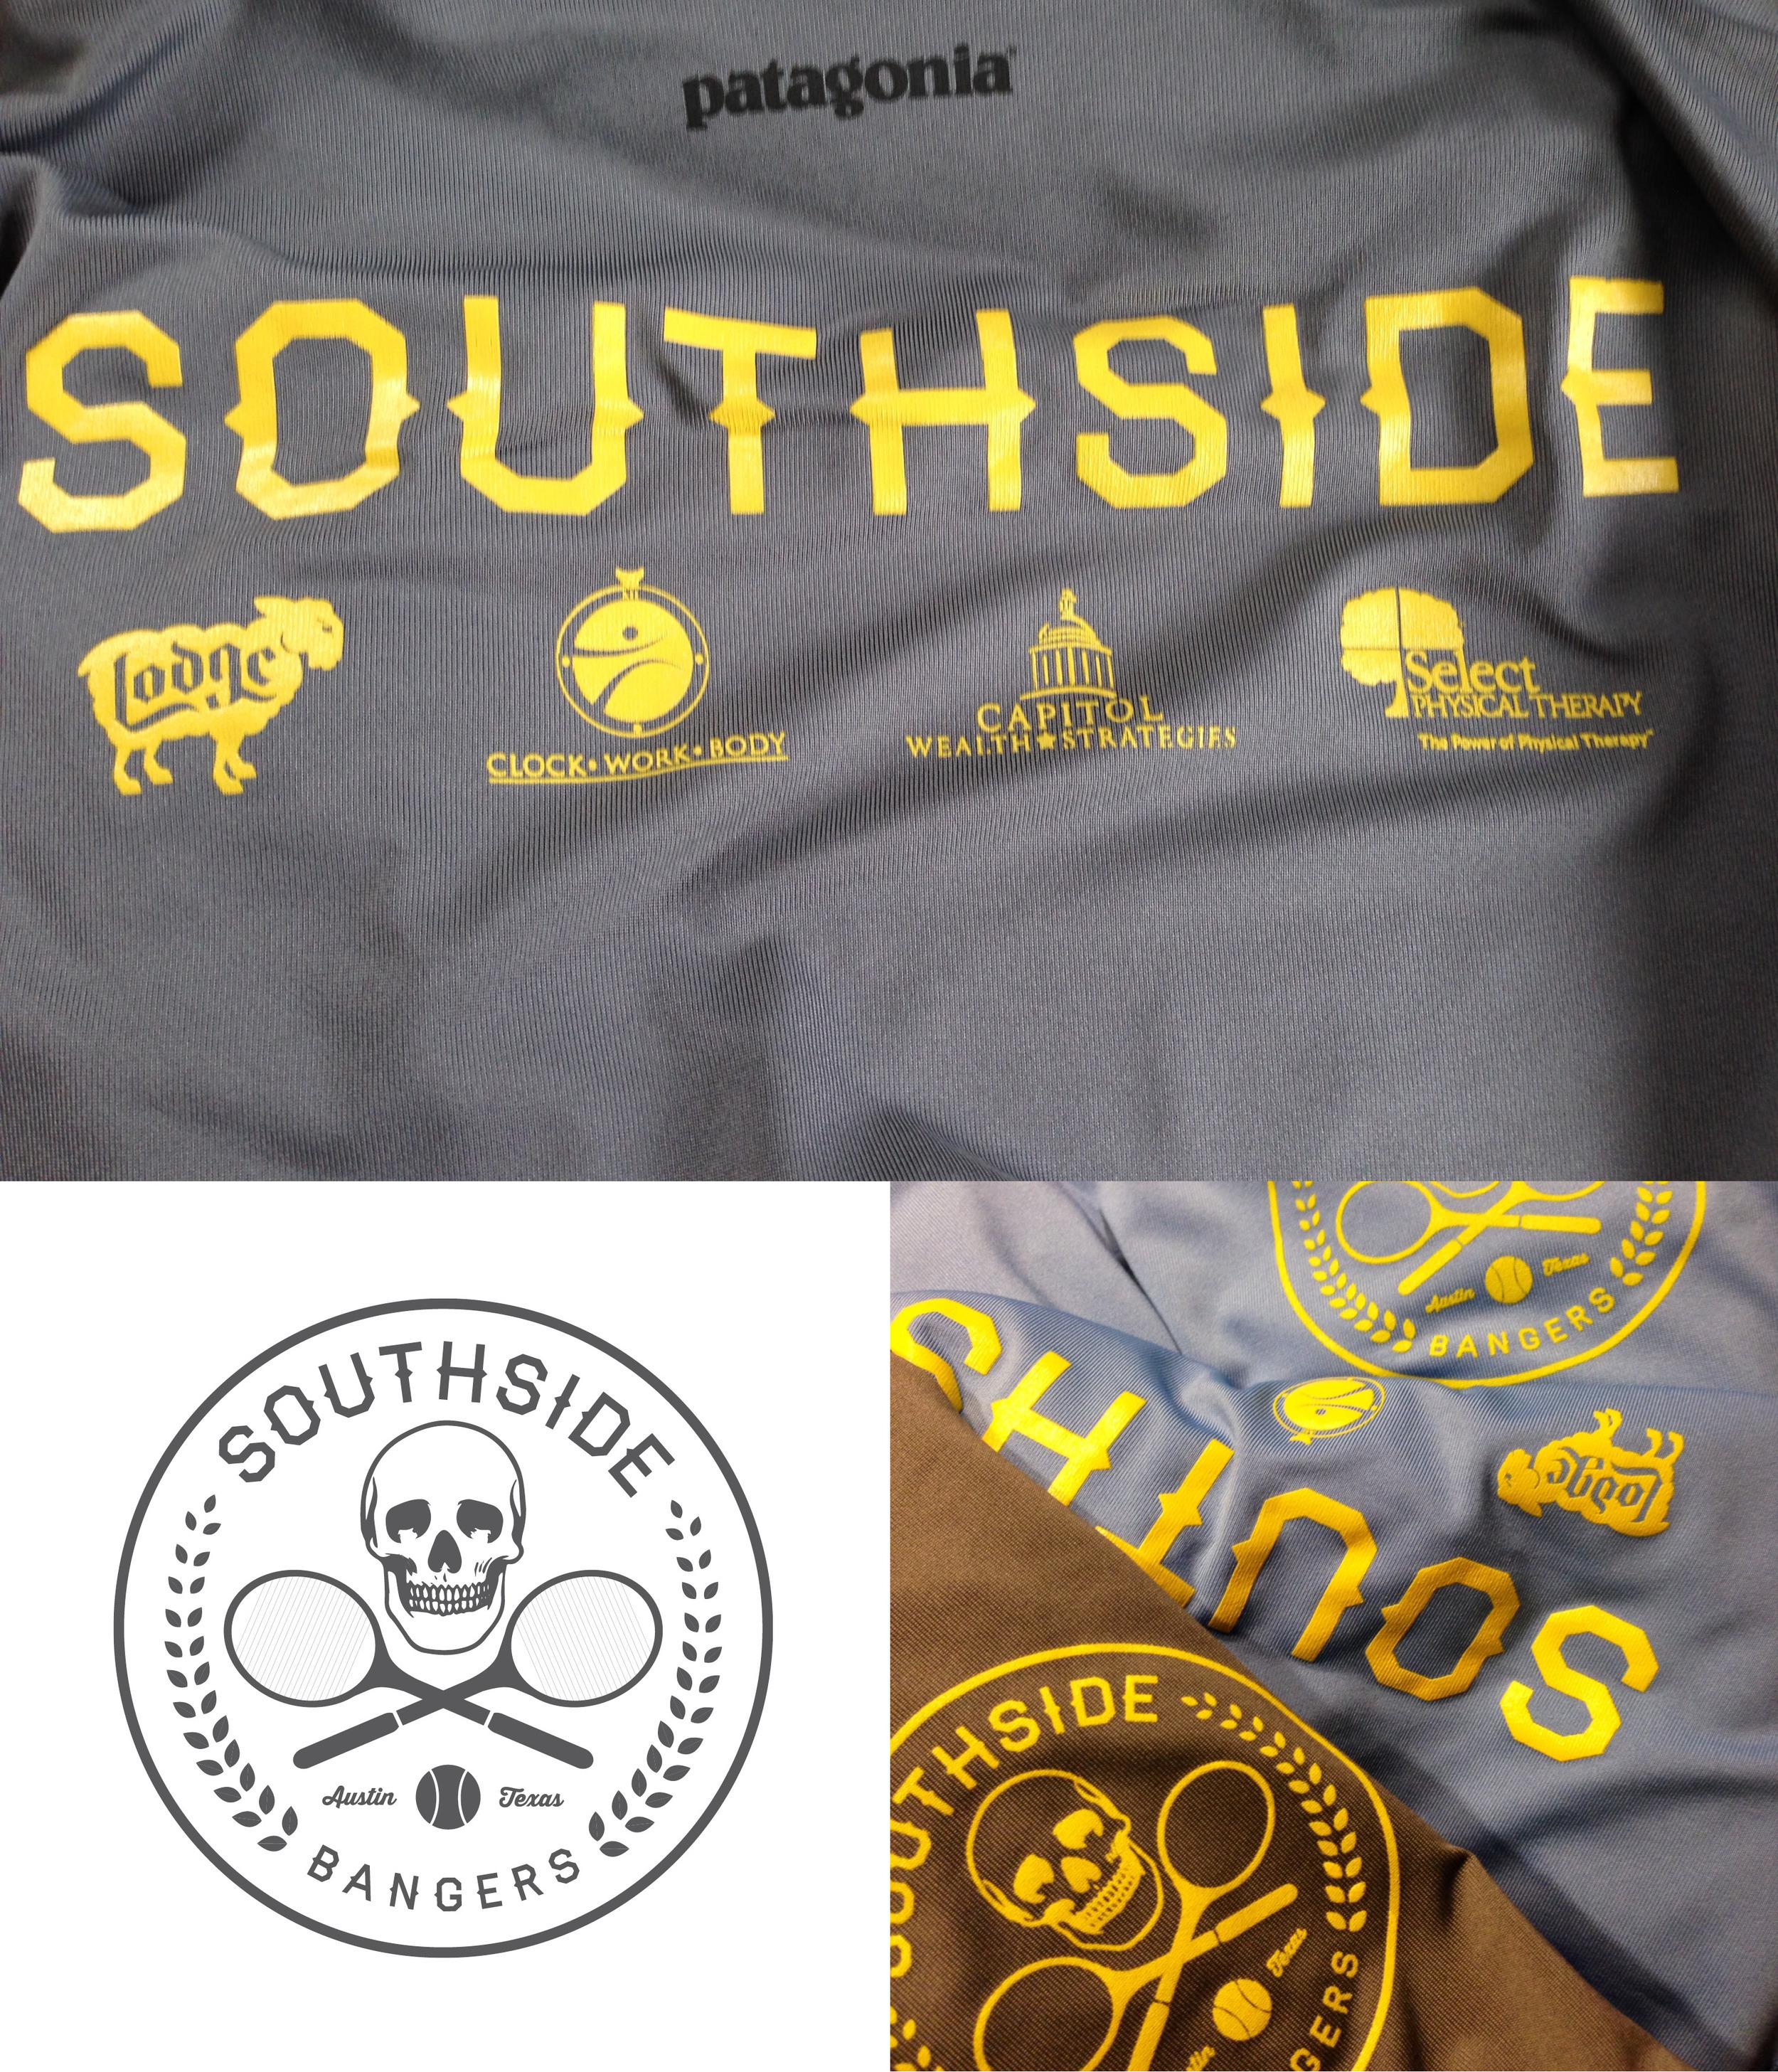 Southside Bangers Branding